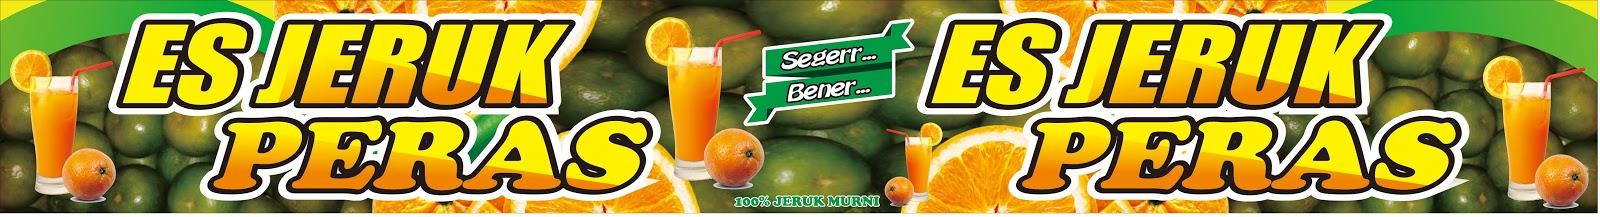 Beryl Repro Contoh Spanduk Es Jeruk Peras